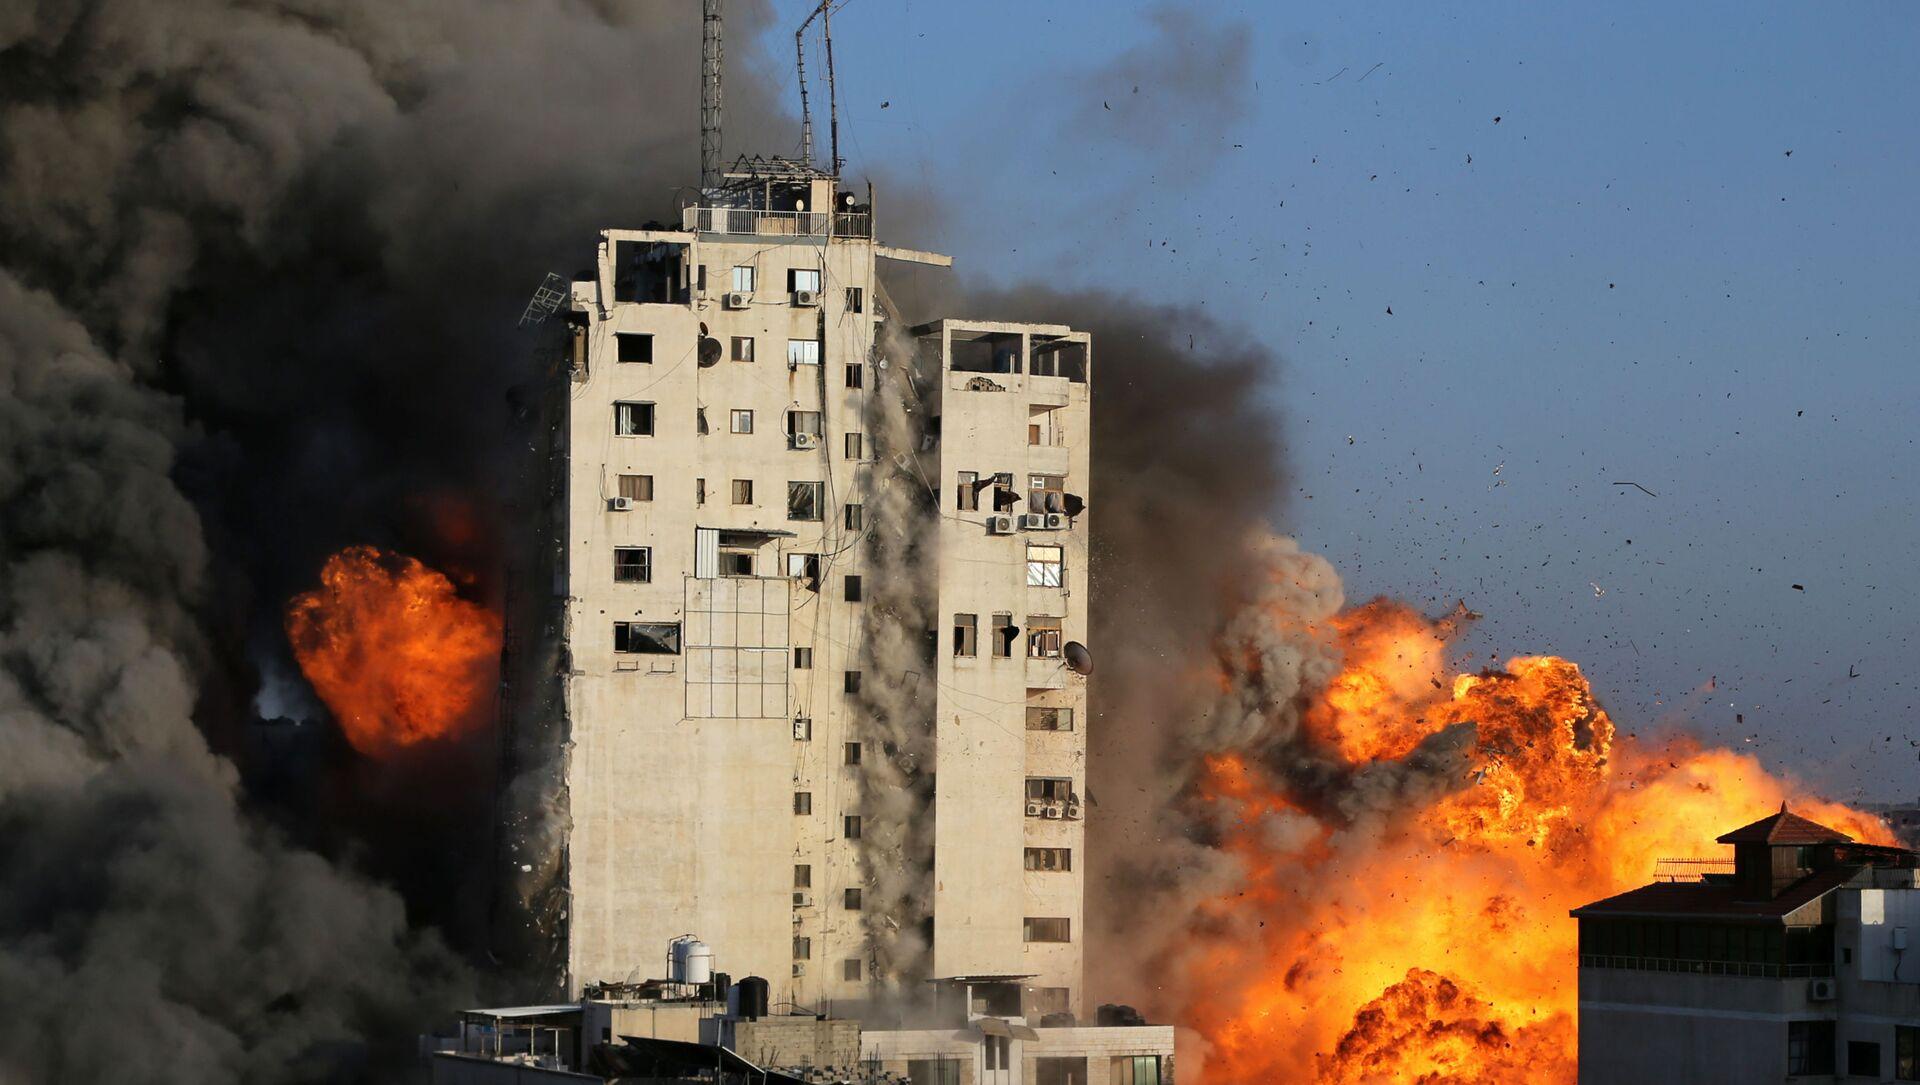 Izraelskie Siły Powietrzne zniszczyły wielopiętrowy budynek w Gazie, 12 maja 2021 - Sputnik Polska, 1920, 12.05.2021